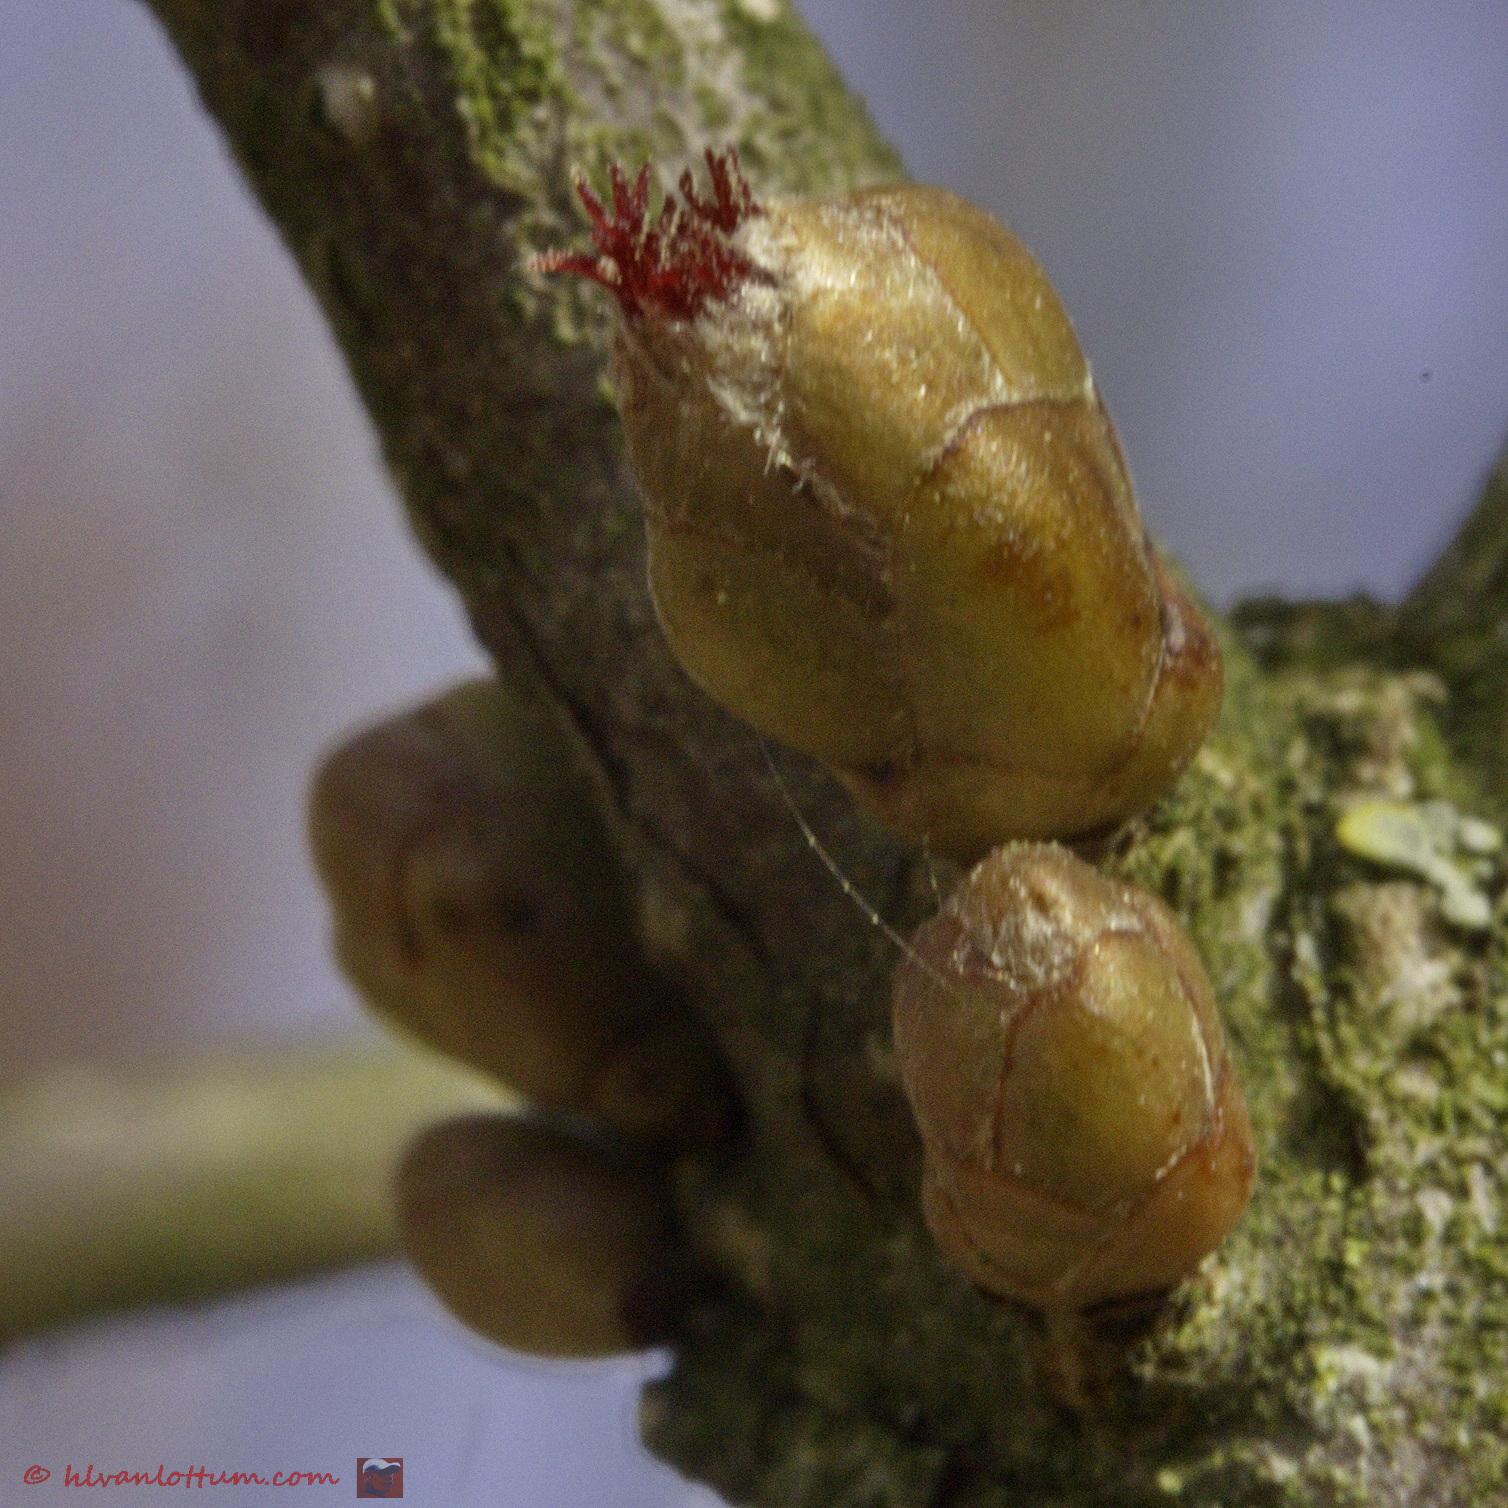 Kleinrood - vrouwelijke bloem van de hazelaar - corylus avelana